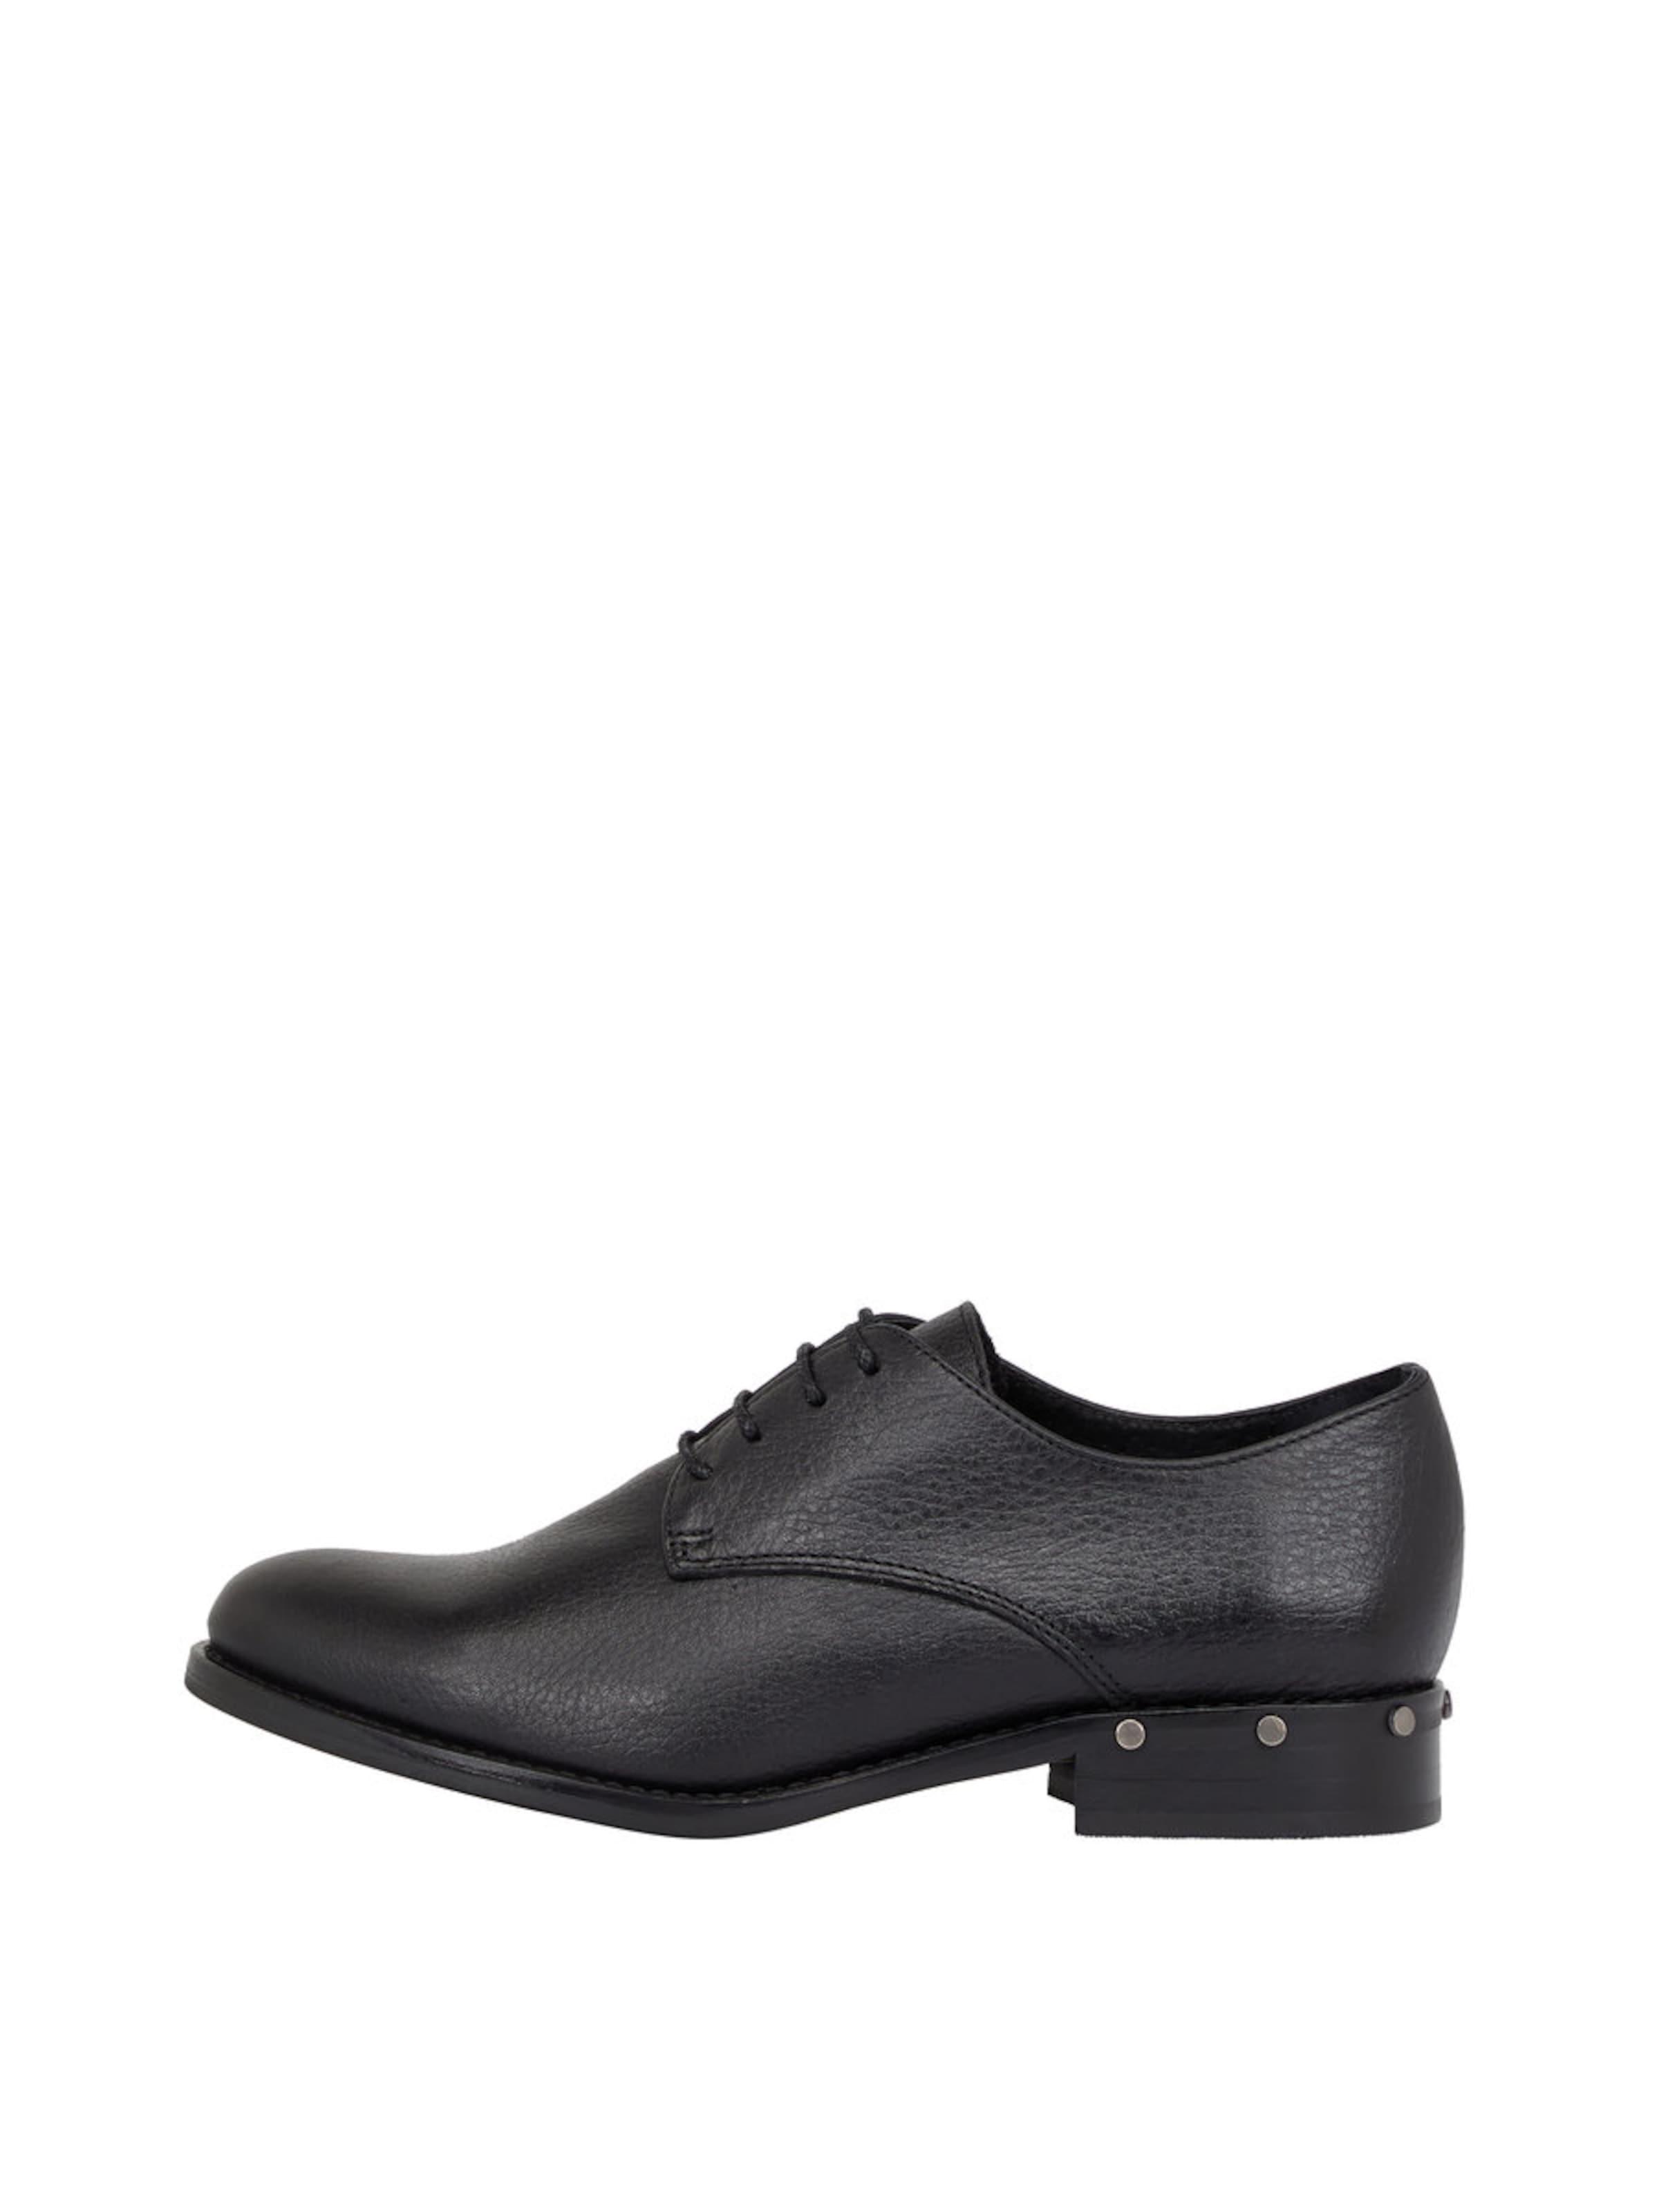 Bianco Nieten-Effekt-Derby-Schuhe Verschleißfeste billige Schuhe Hohe Qualität